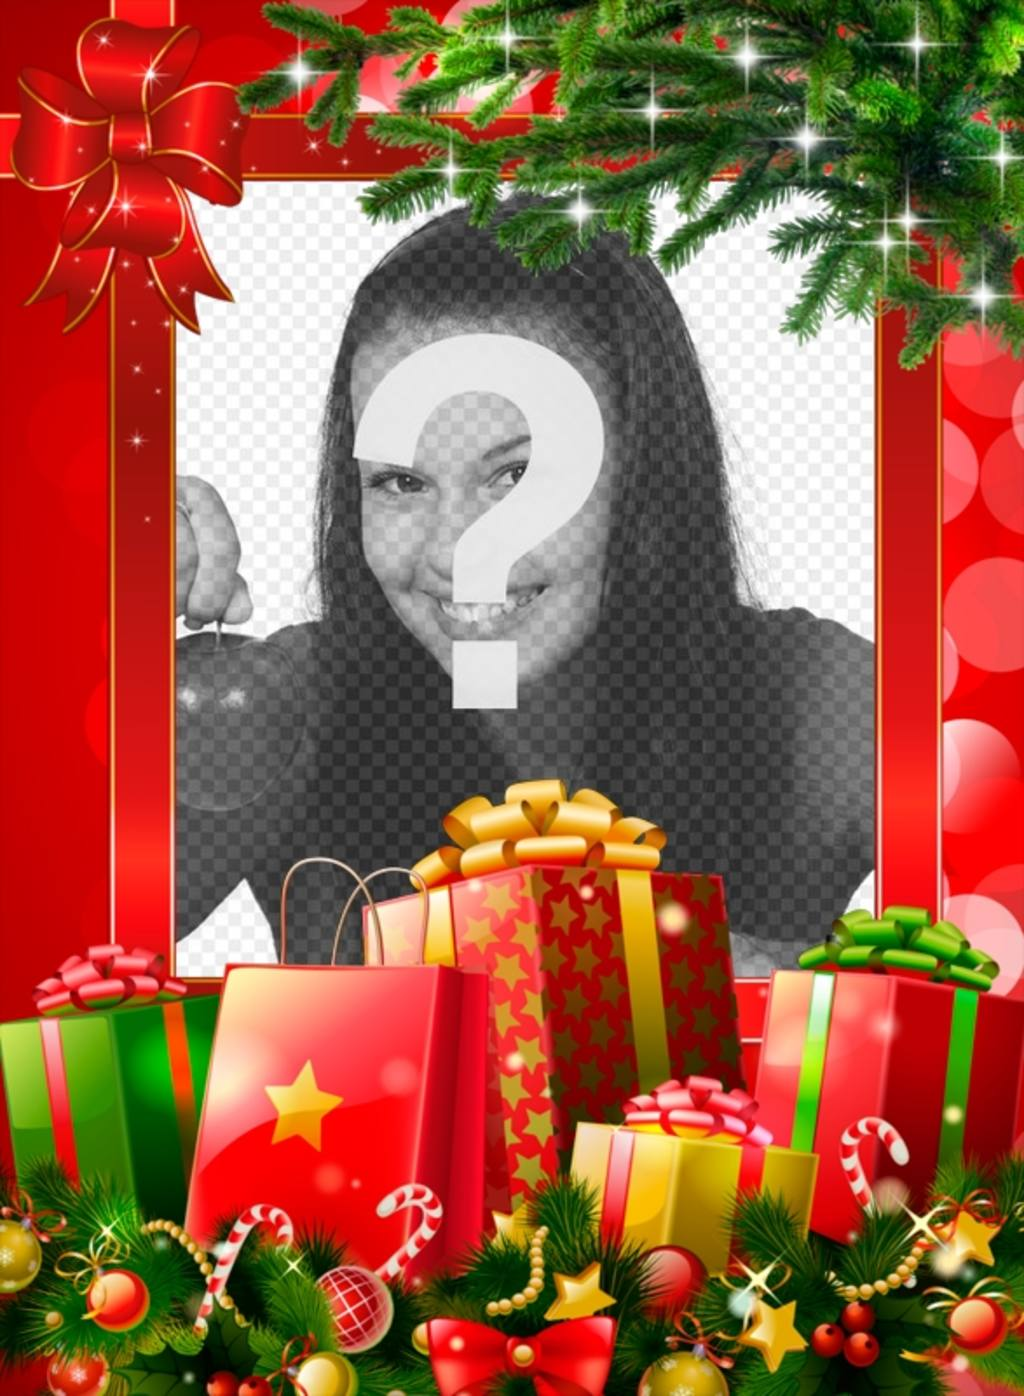 Cadre de Noël avec de nombreux cadeaux à personnaliser avec votre photo